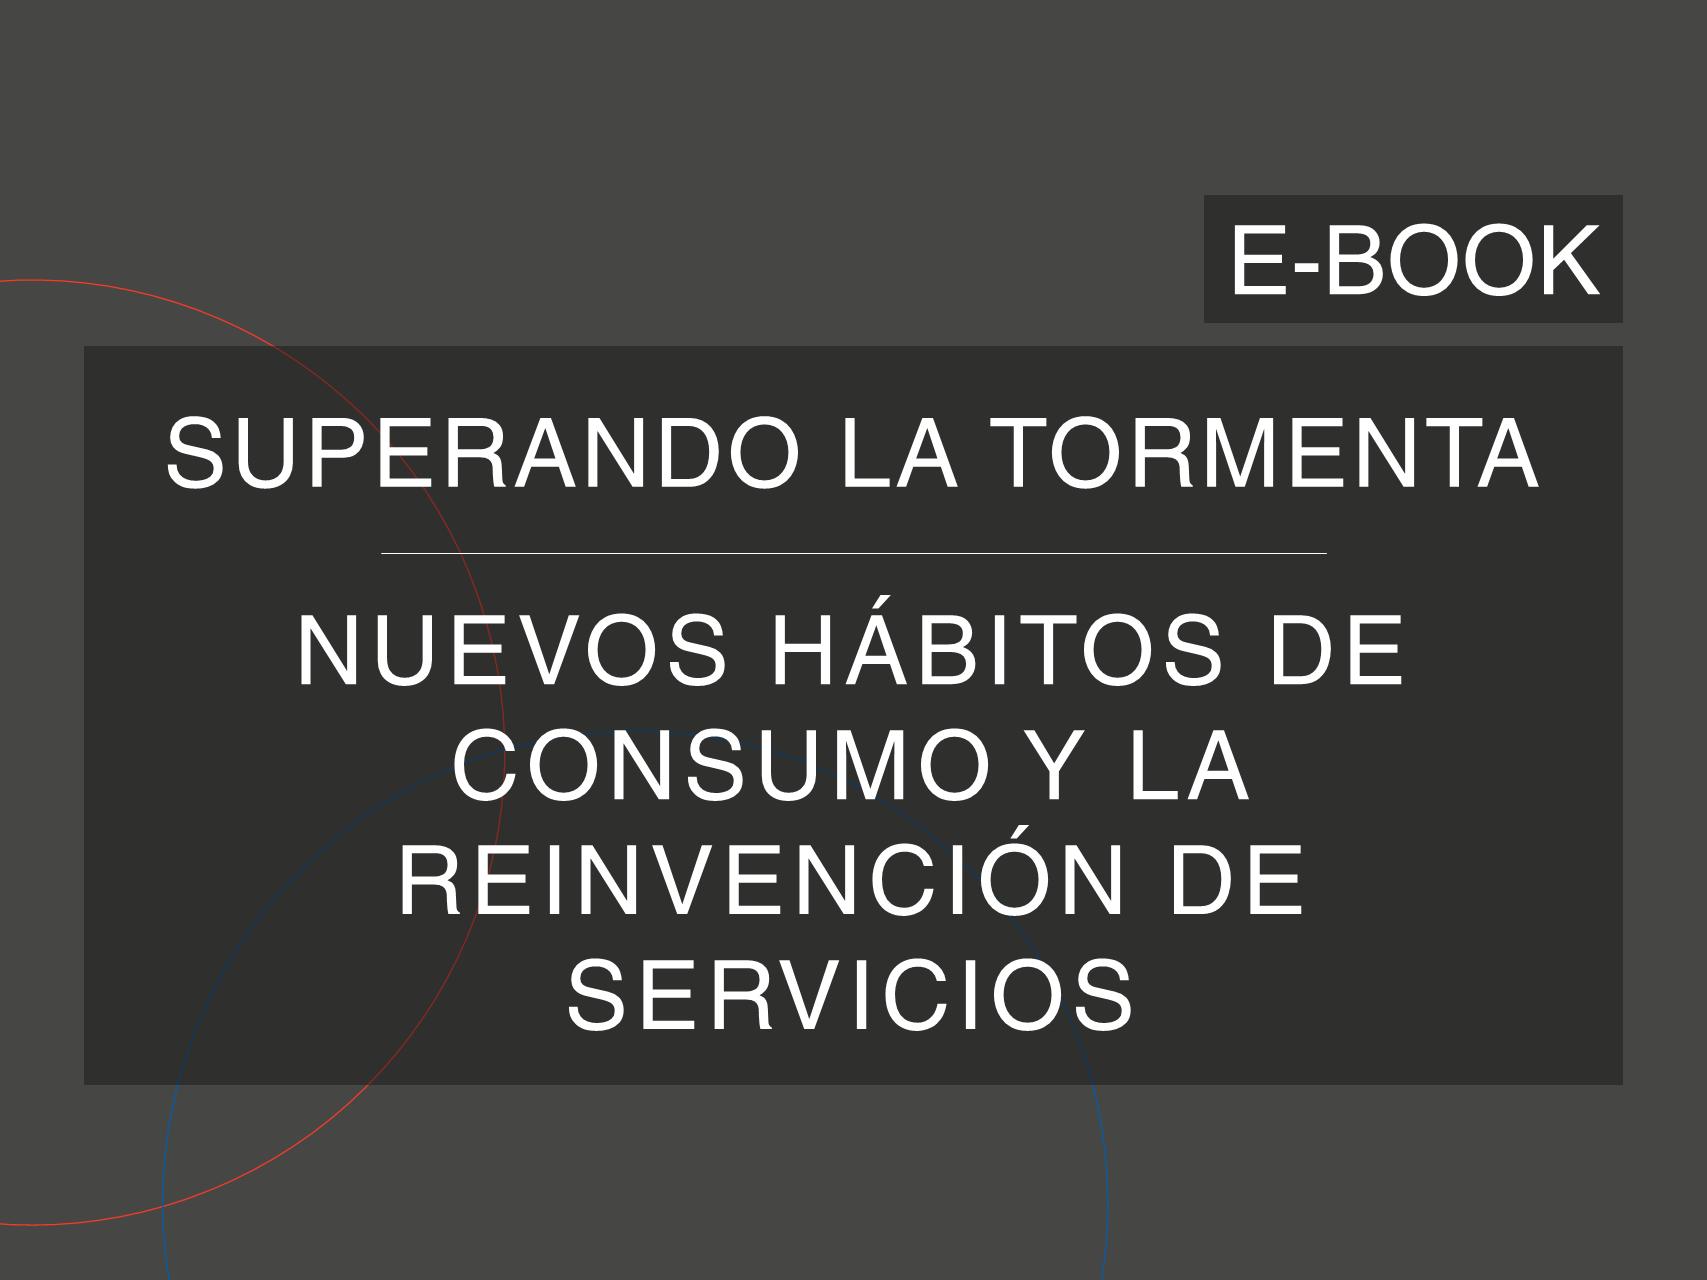 Capa del e-Book da série 'Superando la Tormenta', de Cosin Consulting, sobre 'Nuevos Hábitos de Consumo y la Reinvención de Servicios'